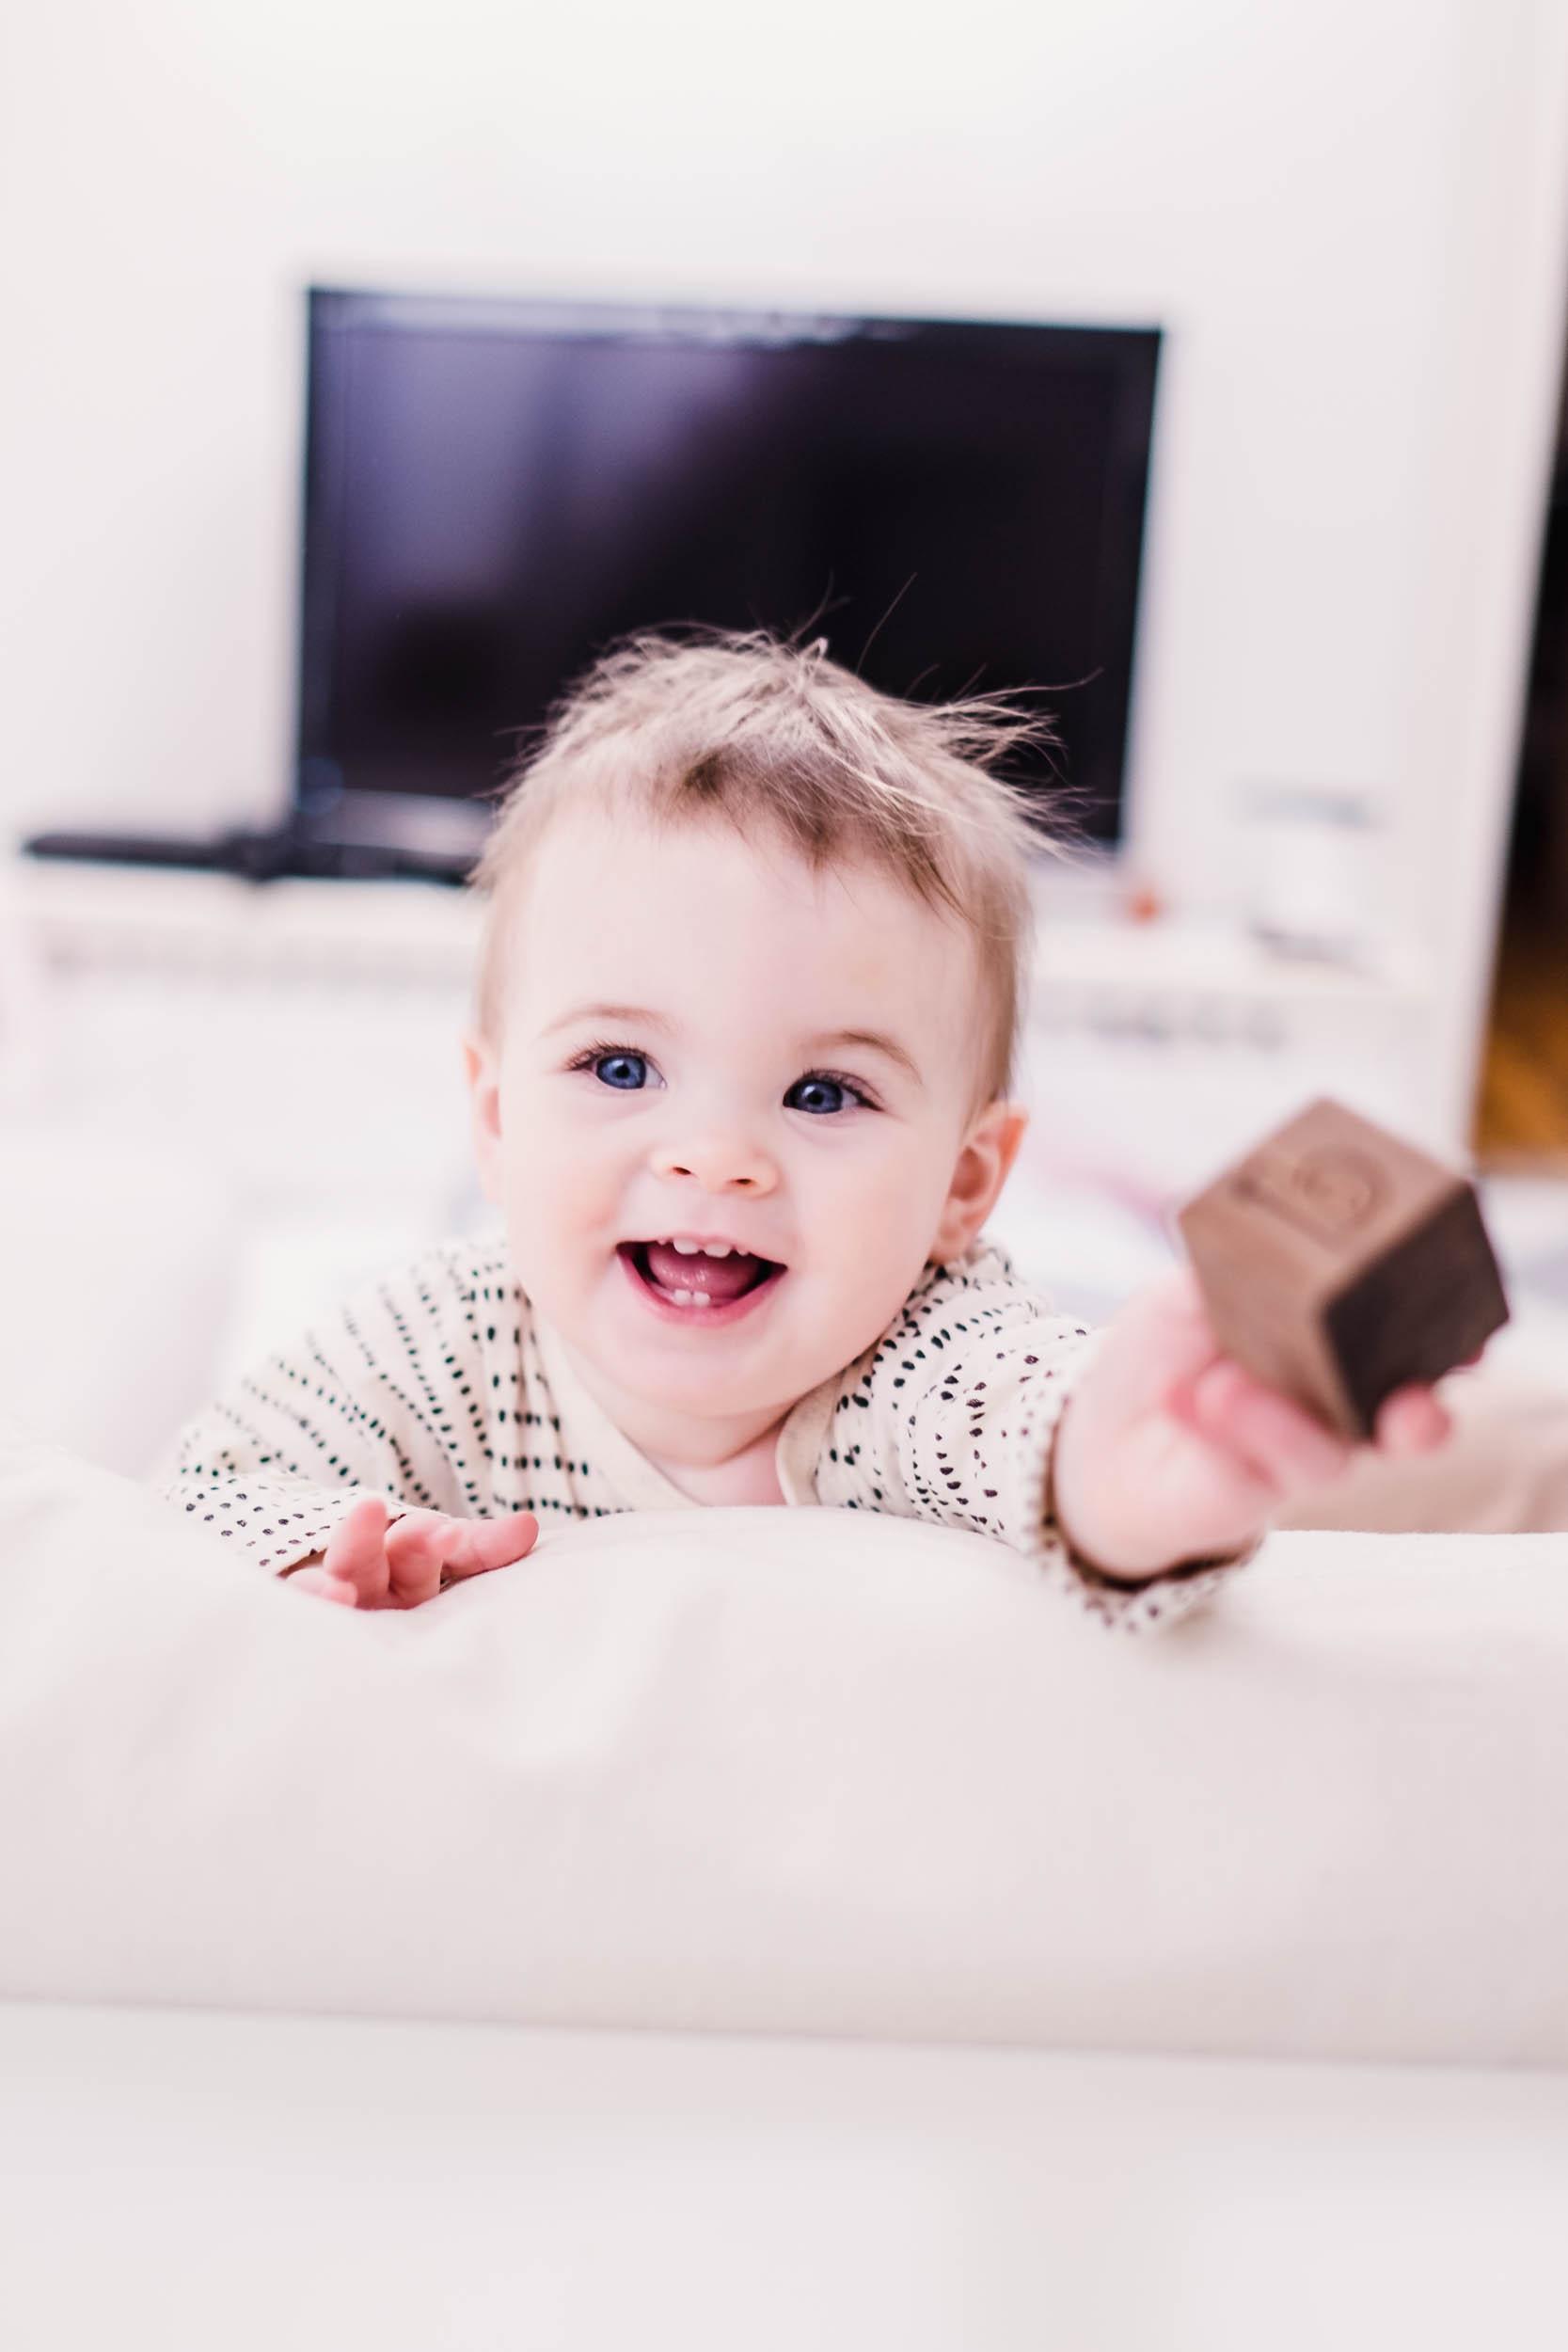 Kristen-Humbert-Family-Photoshoot-Philadelphia_Ruby-James-W-7182.jpg